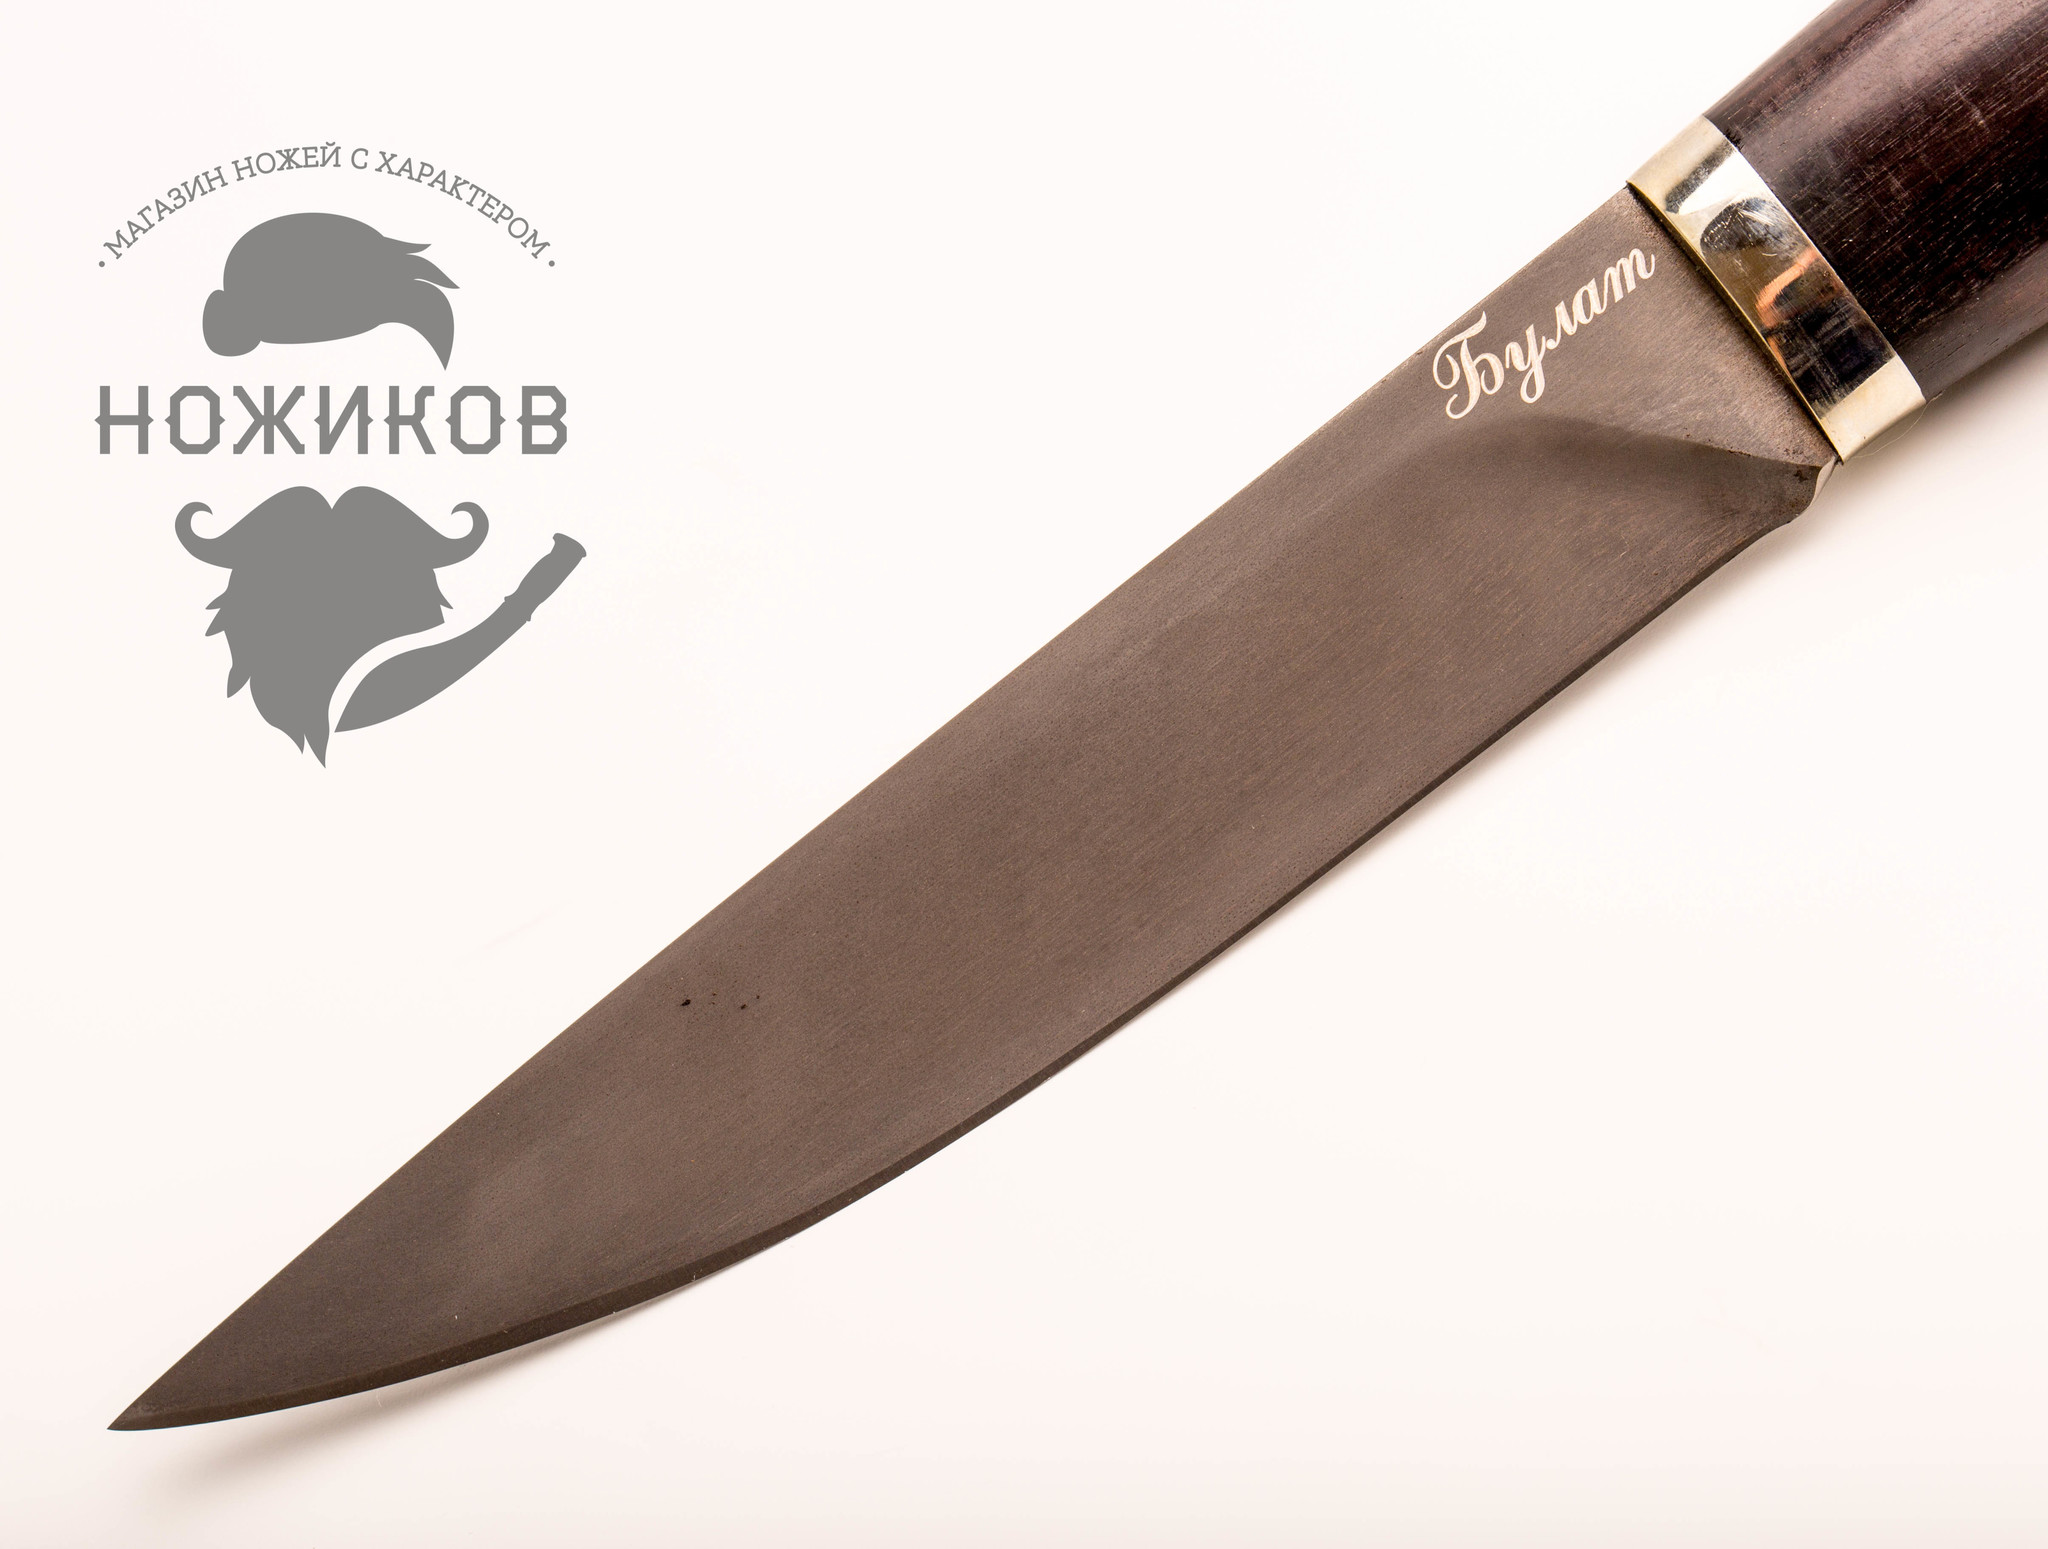 Фото 9 - Нож Якут булат, граб от Мастерская Климентьева